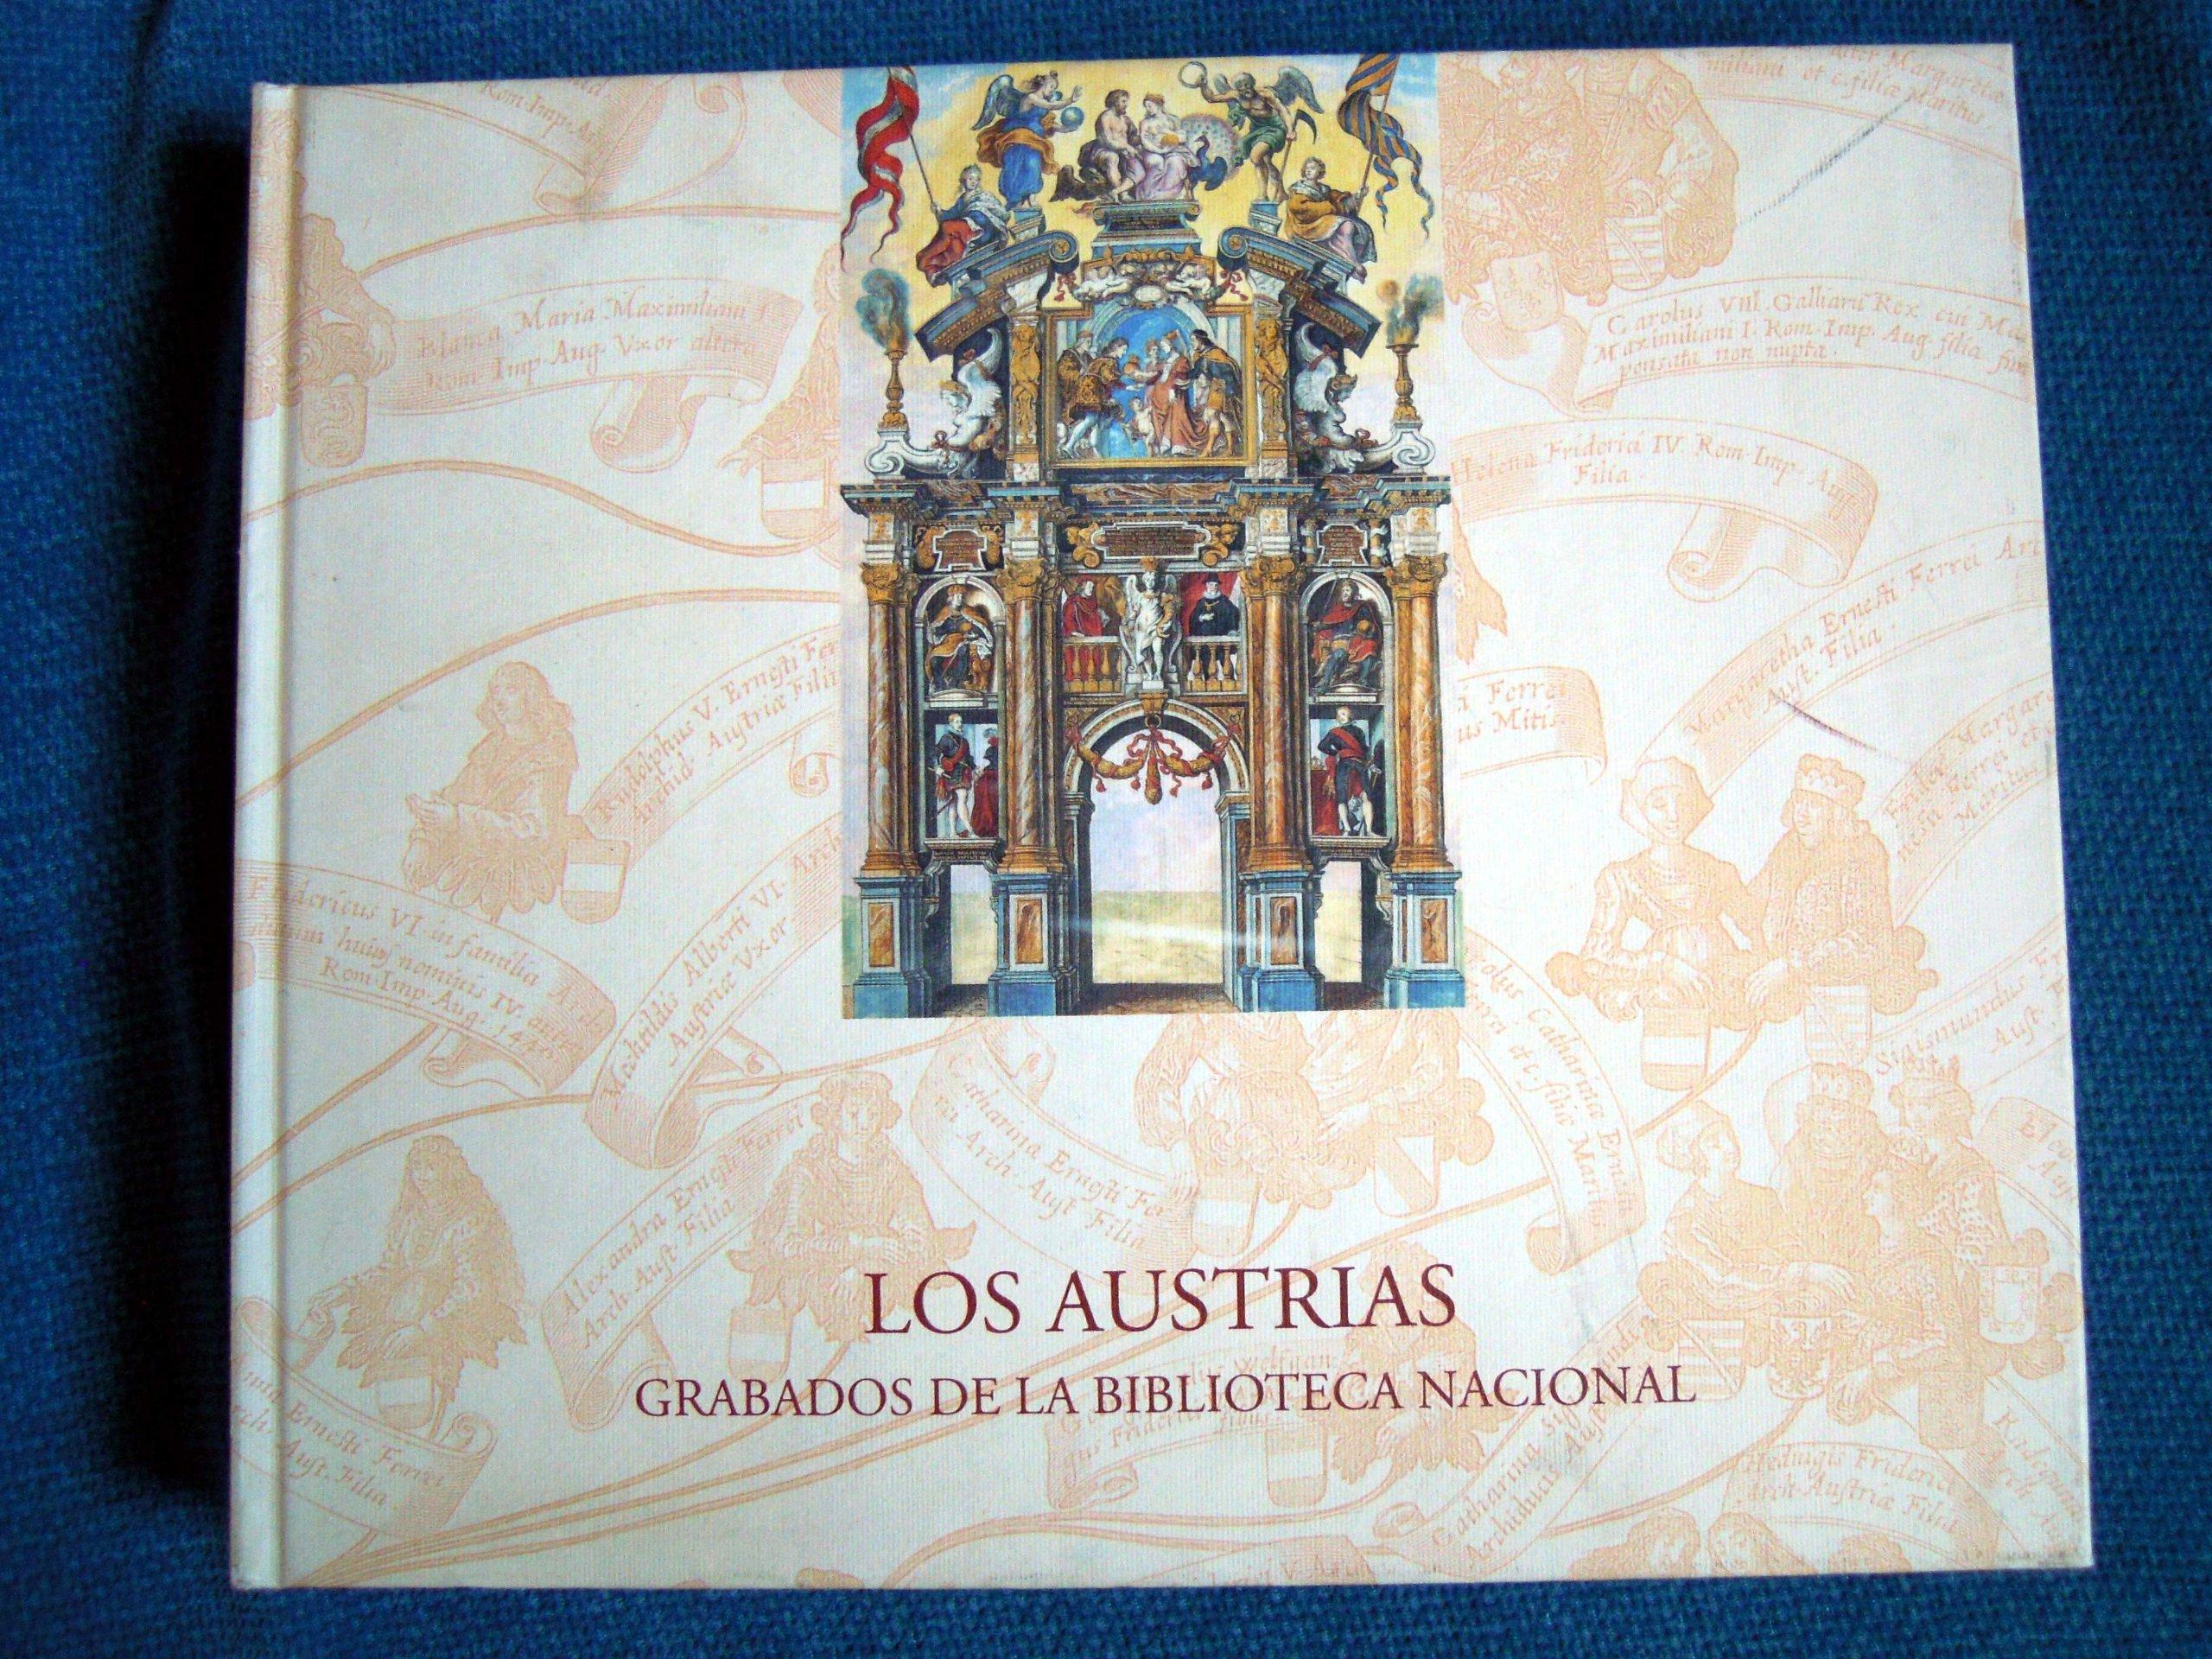 LOS AUSTRIAS - Grabados de la Biblioteca Nacional: Amazon.es ...